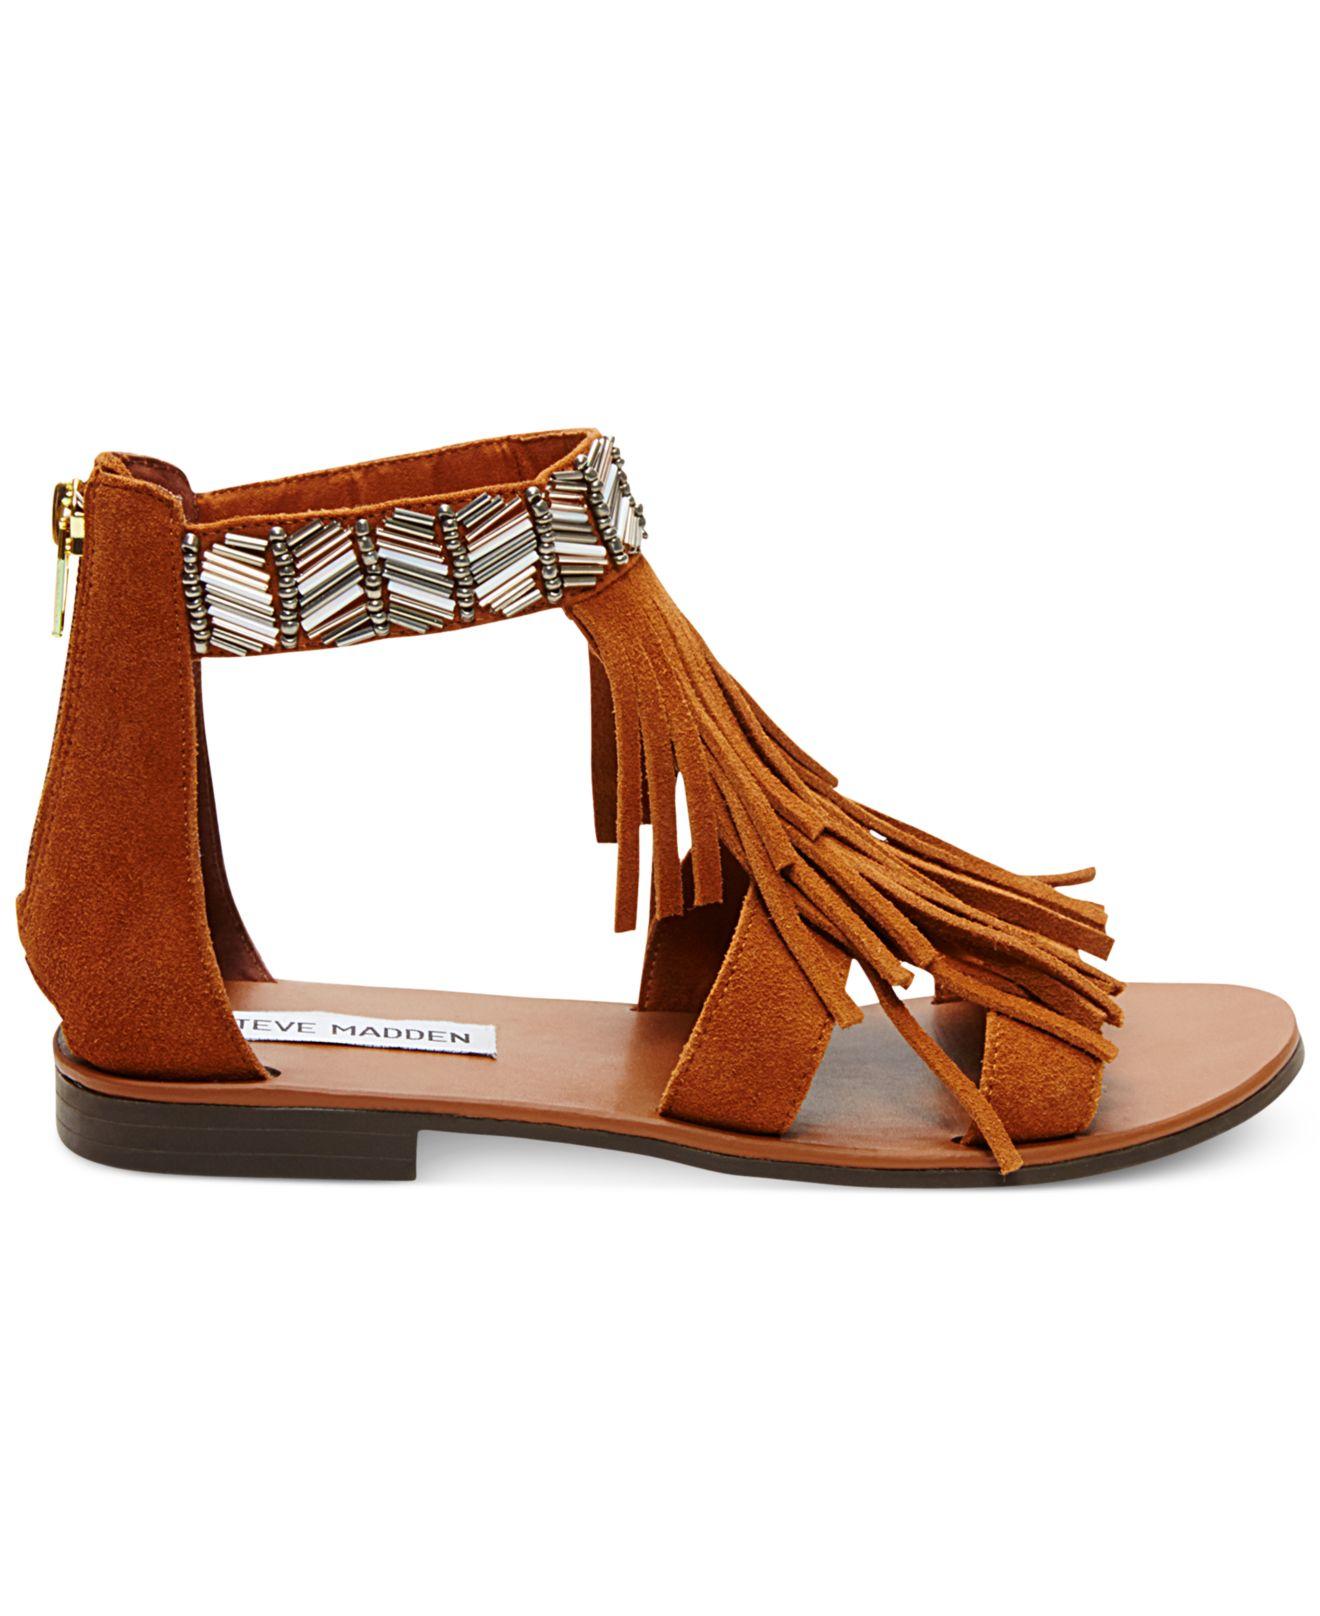 steve madden giaani fringe flat sandals in brown lyst. Black Bedroom Furniture Sets. Home Design Ideas